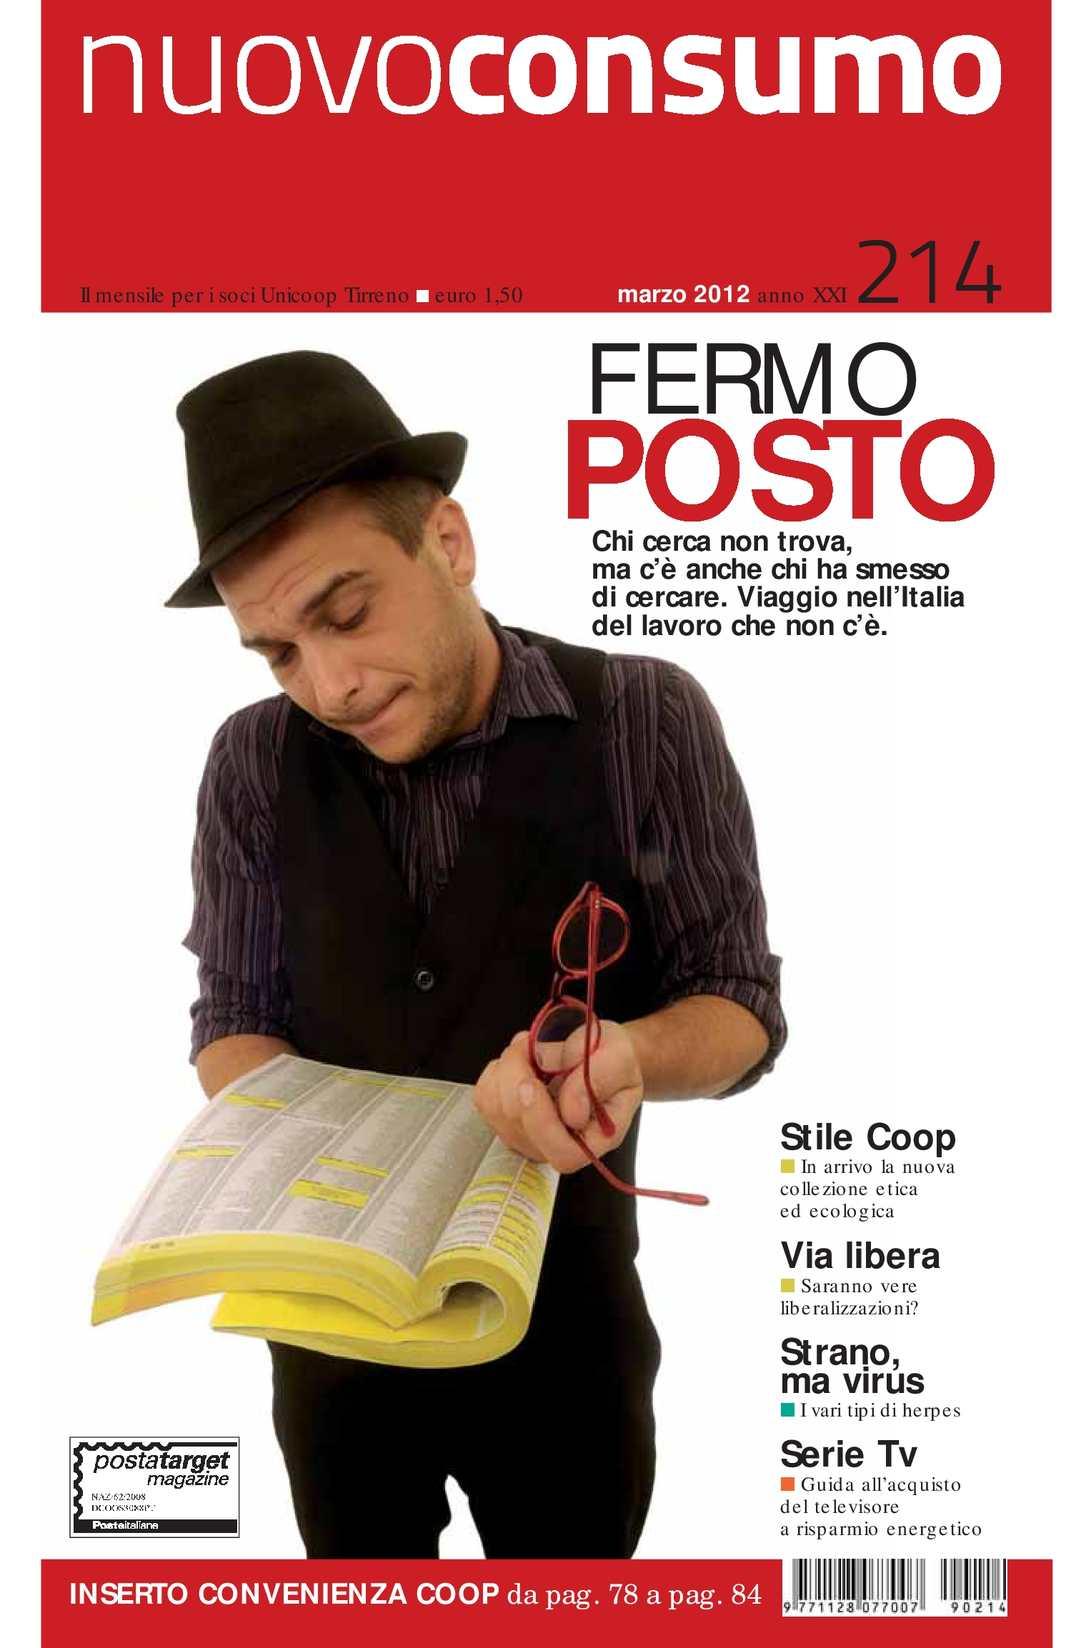 Calaméo - Nuovo Consumo Marzo 2012 307c4999793c